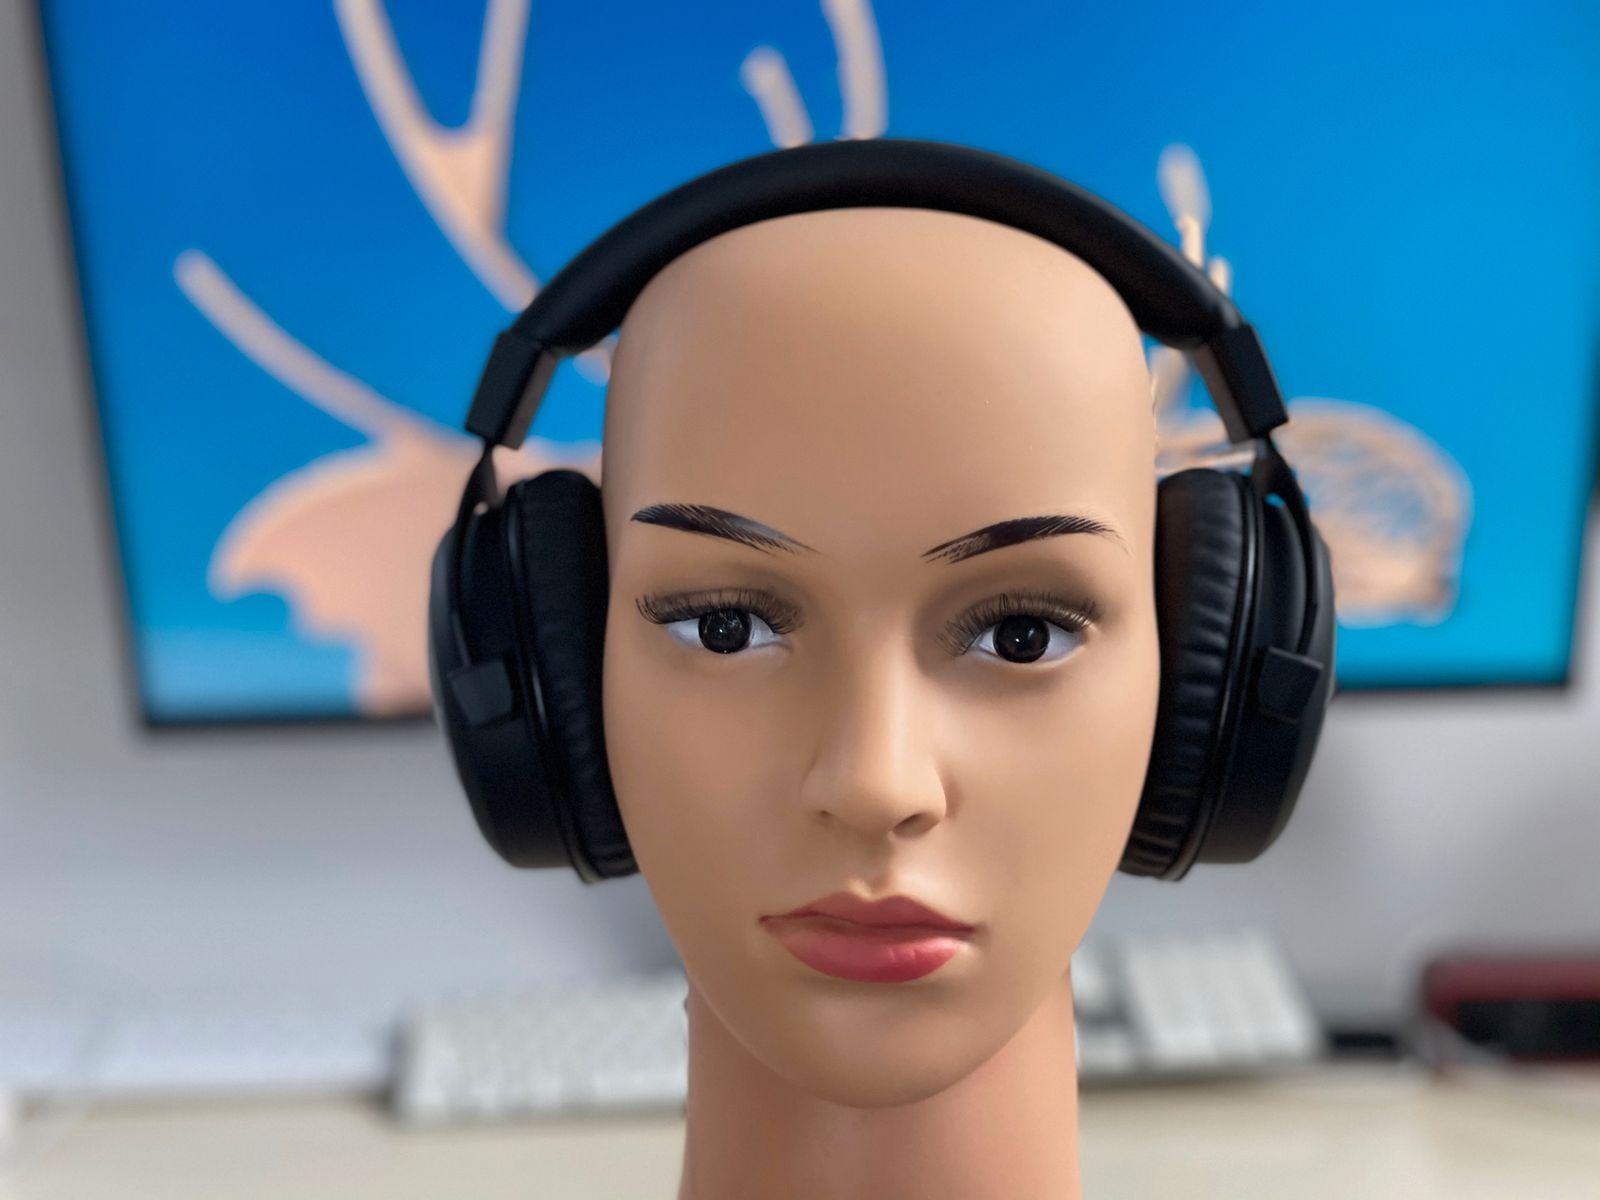 Kopfhörer / Beyerdynamic T1